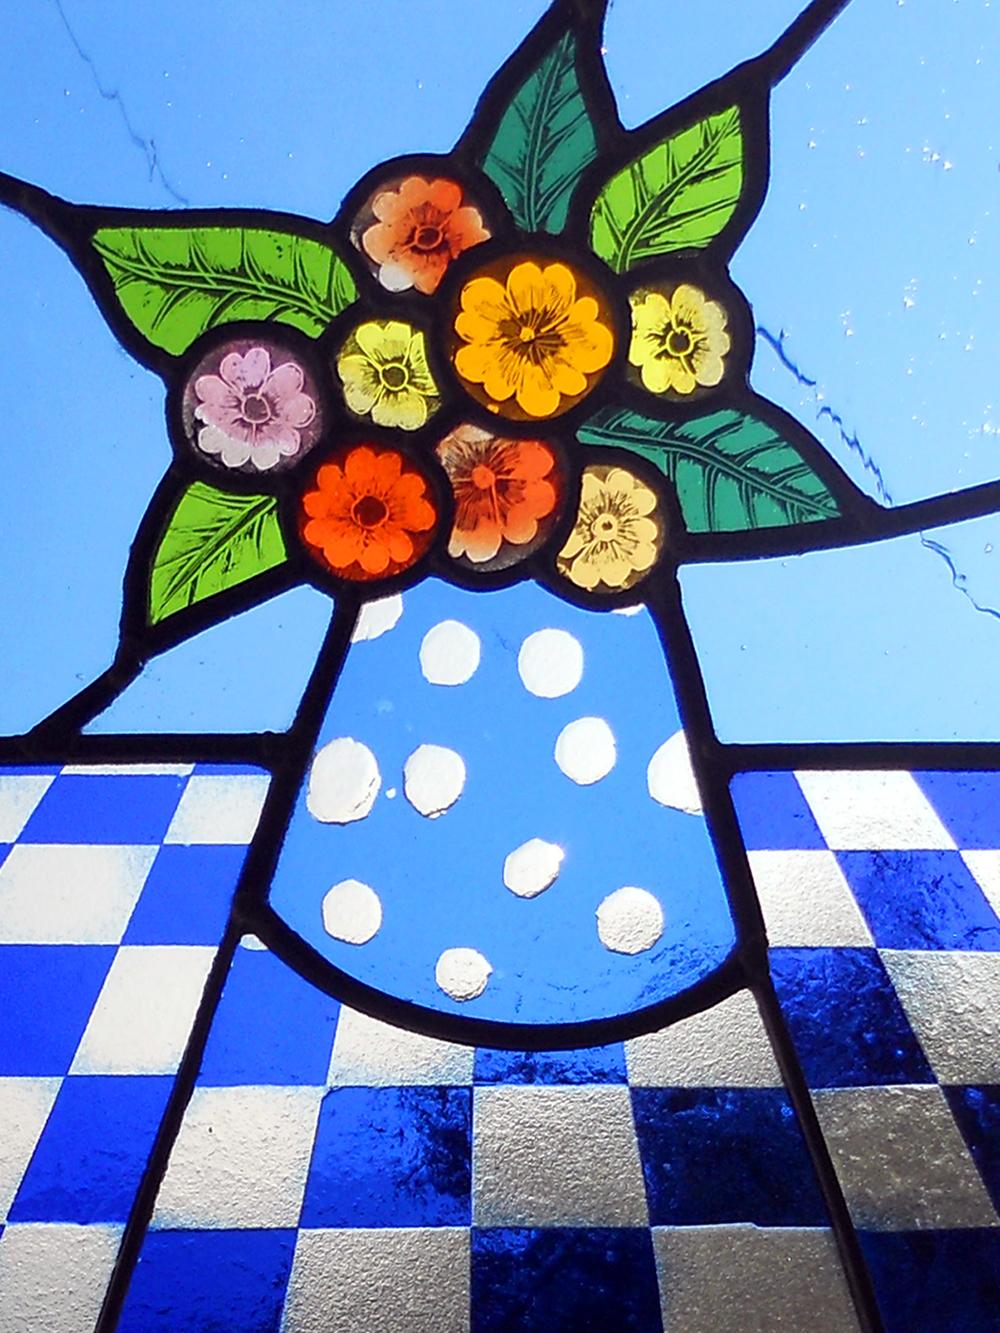 bluevase1.jpg